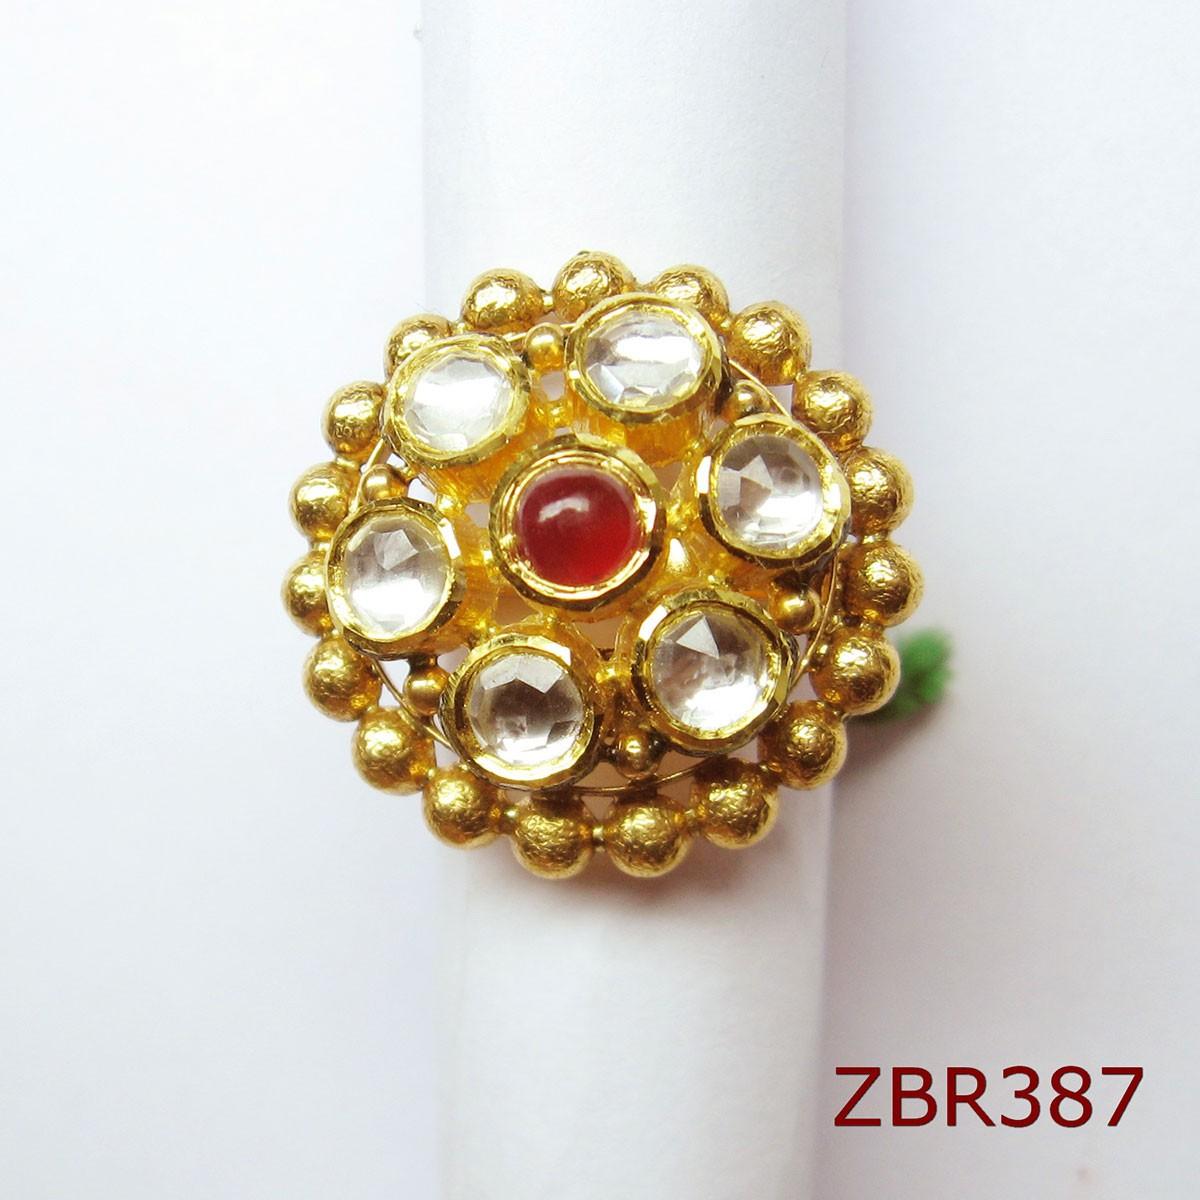 ZBR387